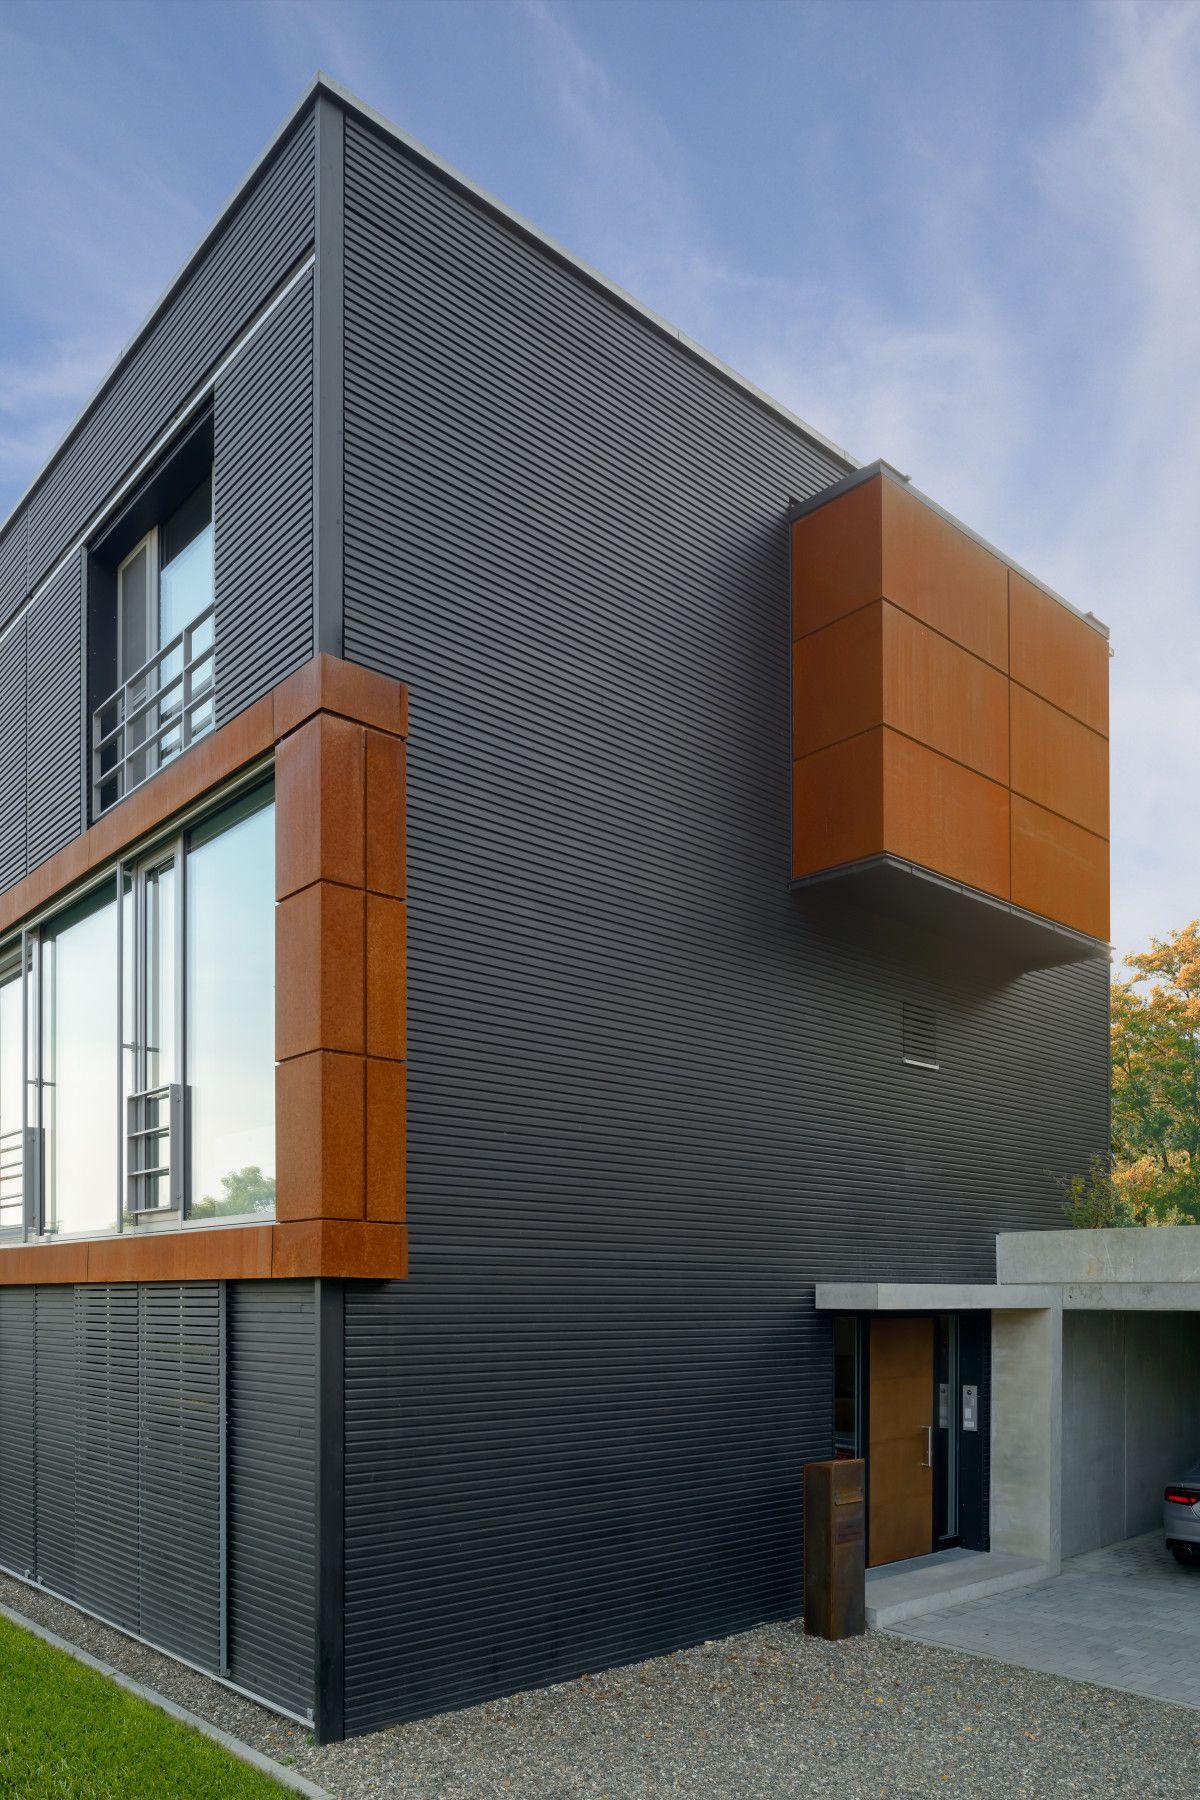 architektur detail fassade haus pawliczec von baufritz holzfassade schwarz matt erker aus. Black Bedroom Furniture Sets. Home Design Ideas